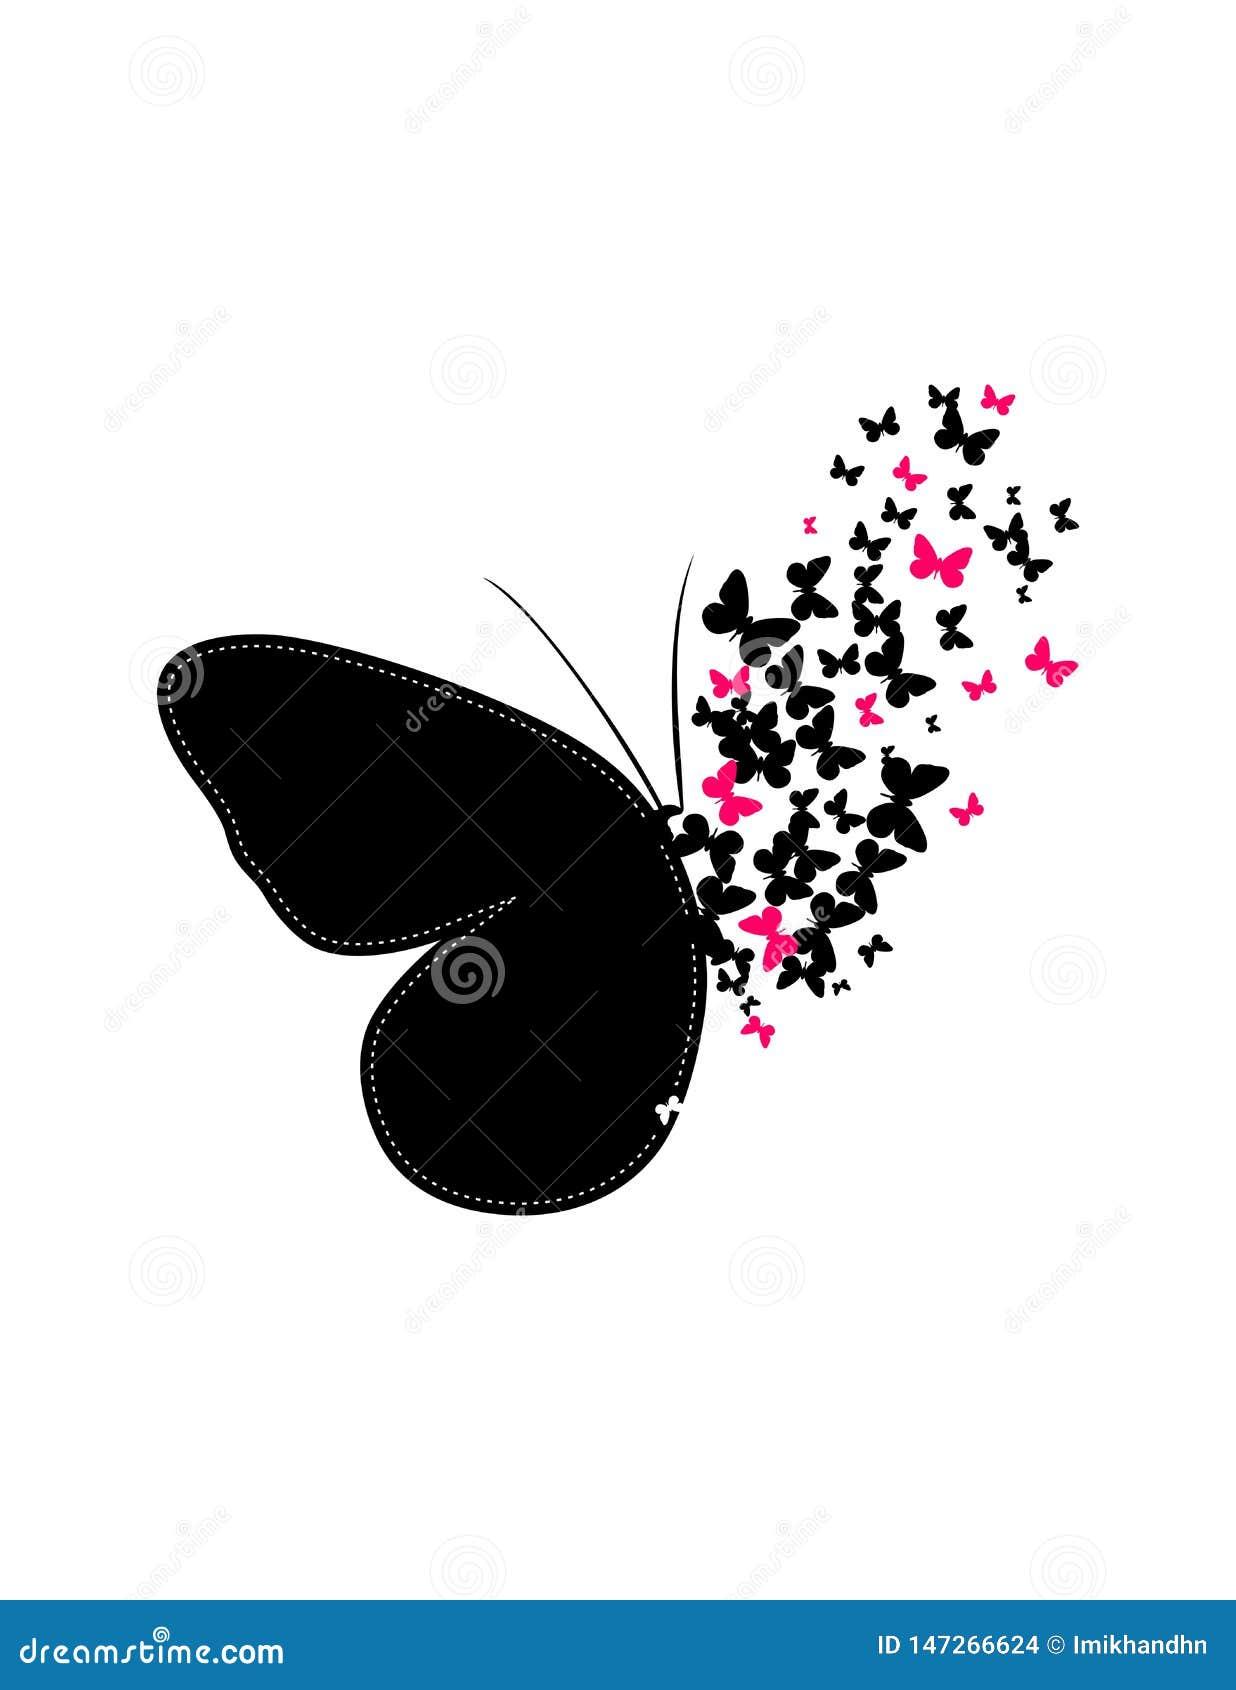 Les papillons font la grande image ensemble